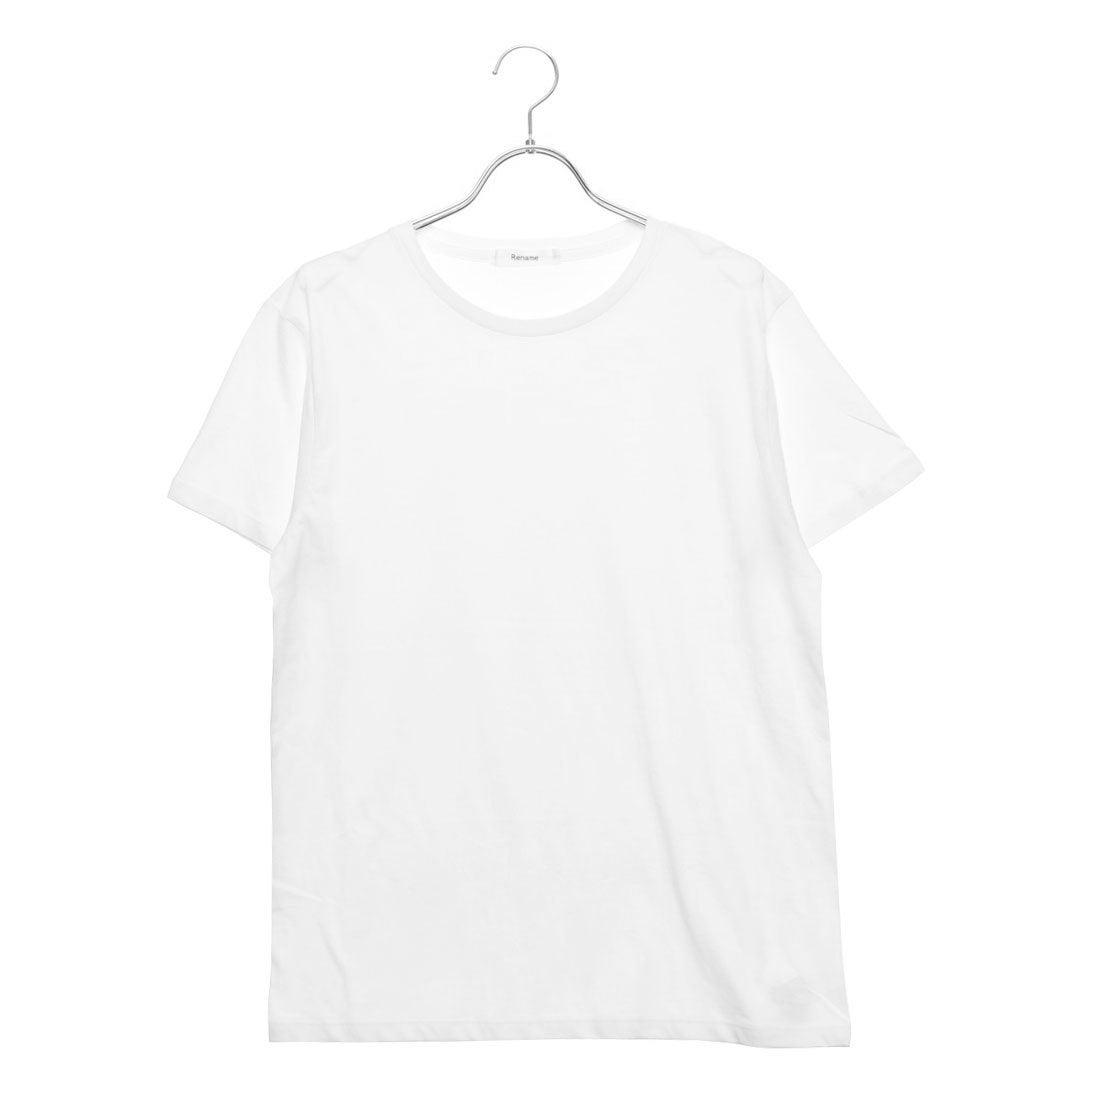 ロコンド 靴とファッションの通販サイトリネーム Rename クルーネックTシャツ (ホワイト)